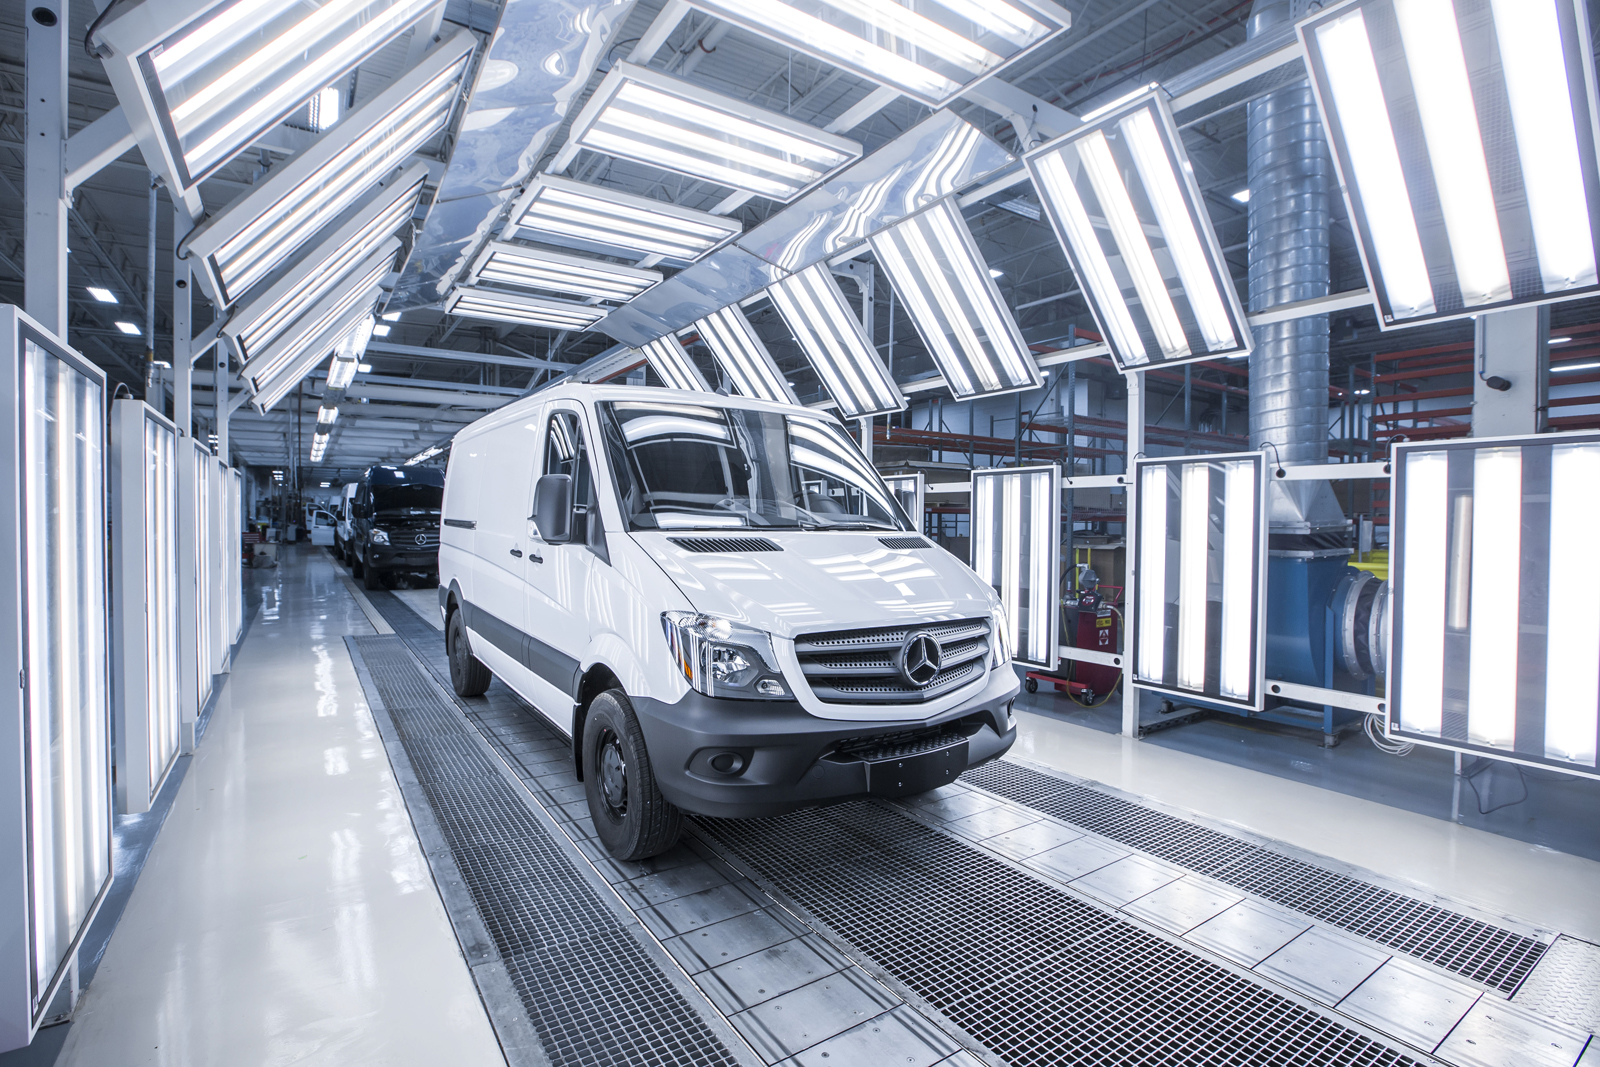 Daimler richiama diversi veicoli diesel per problemi di emissioni